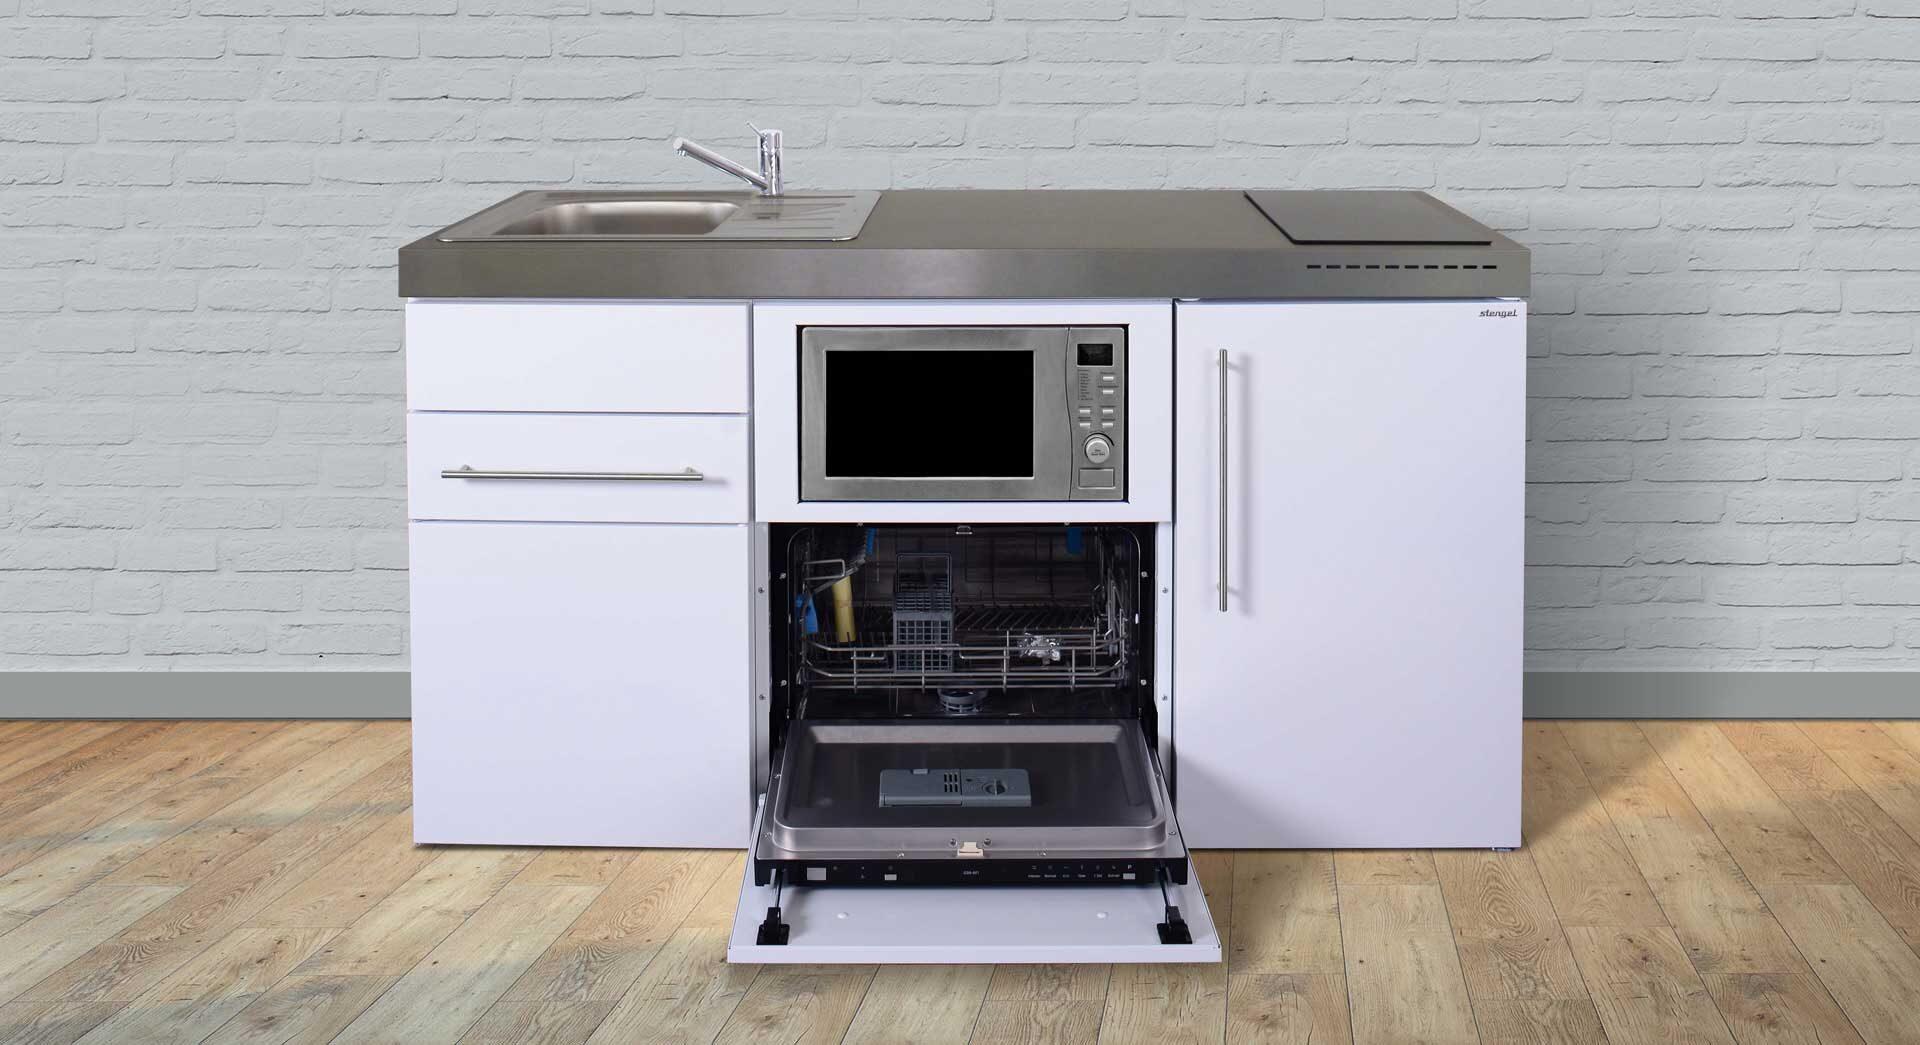 MPGSM 160 minikøkken med alle hvidevarer - vælg mellem 8 moderne elegante farver (pulverlakeret). Kimbrer Lines i Farsø